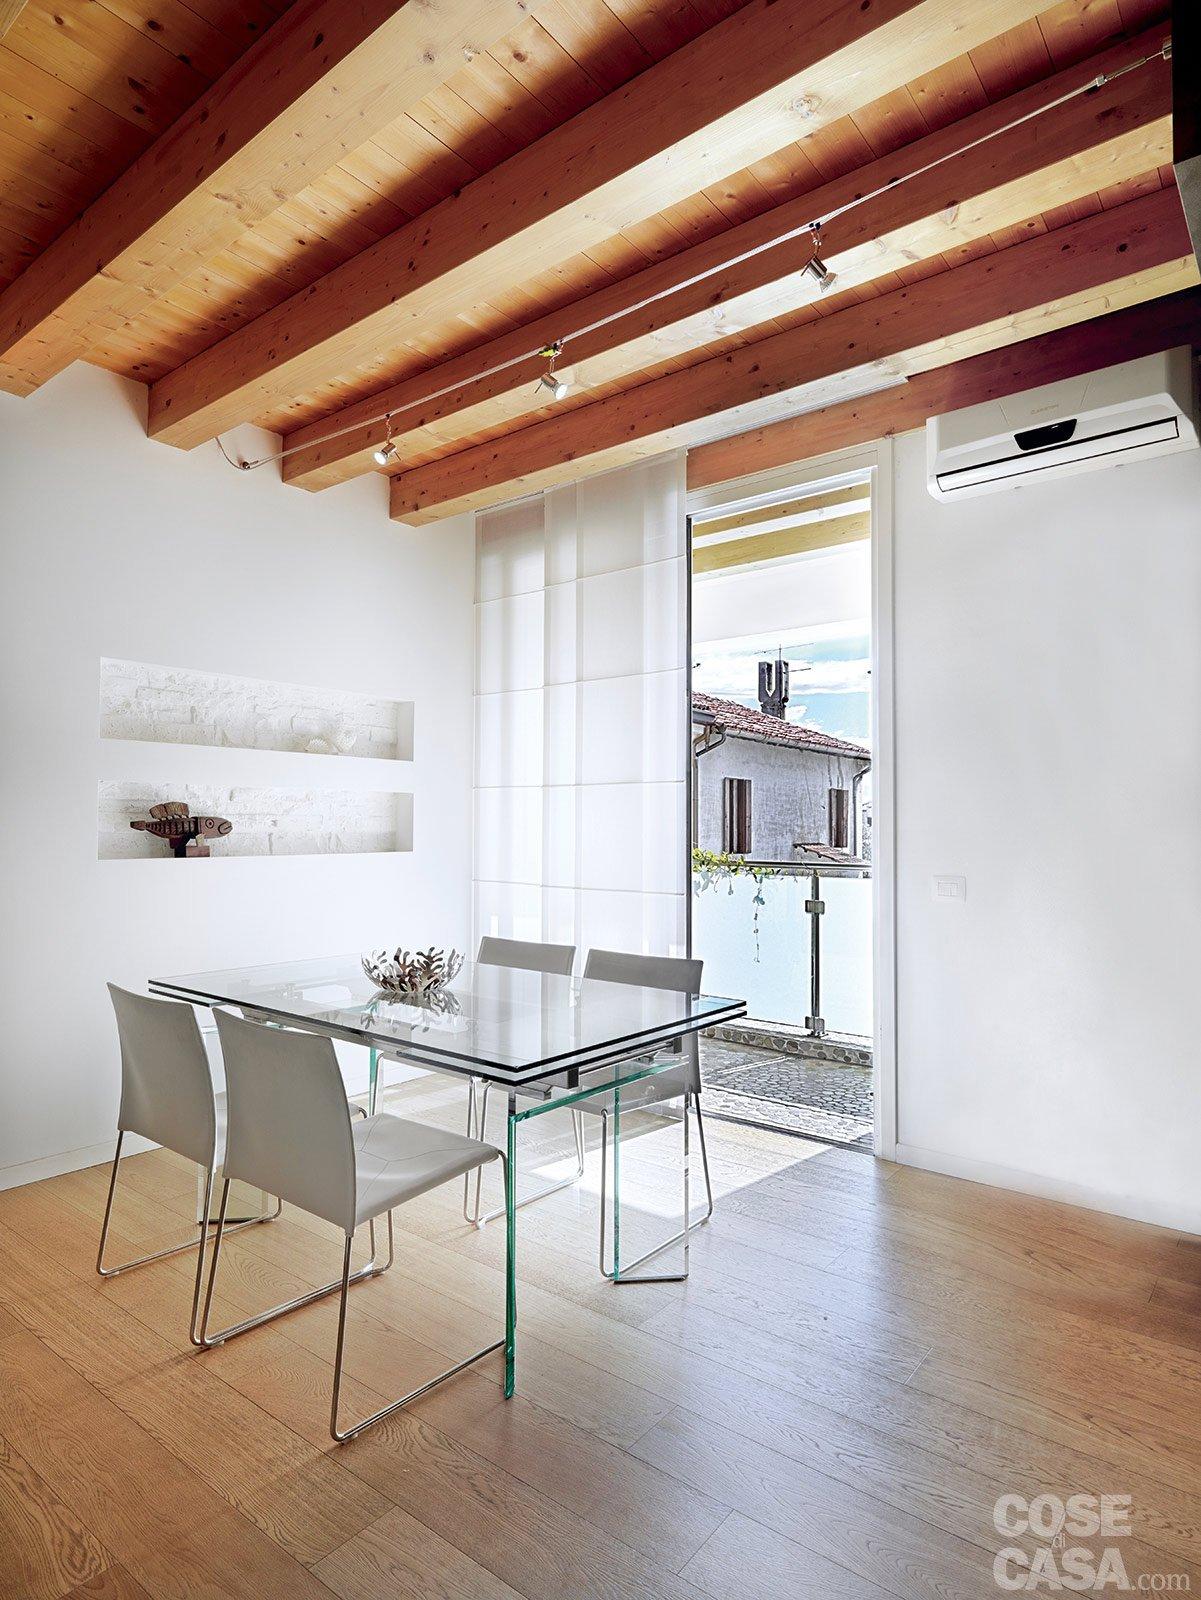 Casa con 10 trucchi 83 mq sembrano pi grandi cose di casa - Portapentole da soffitto ...